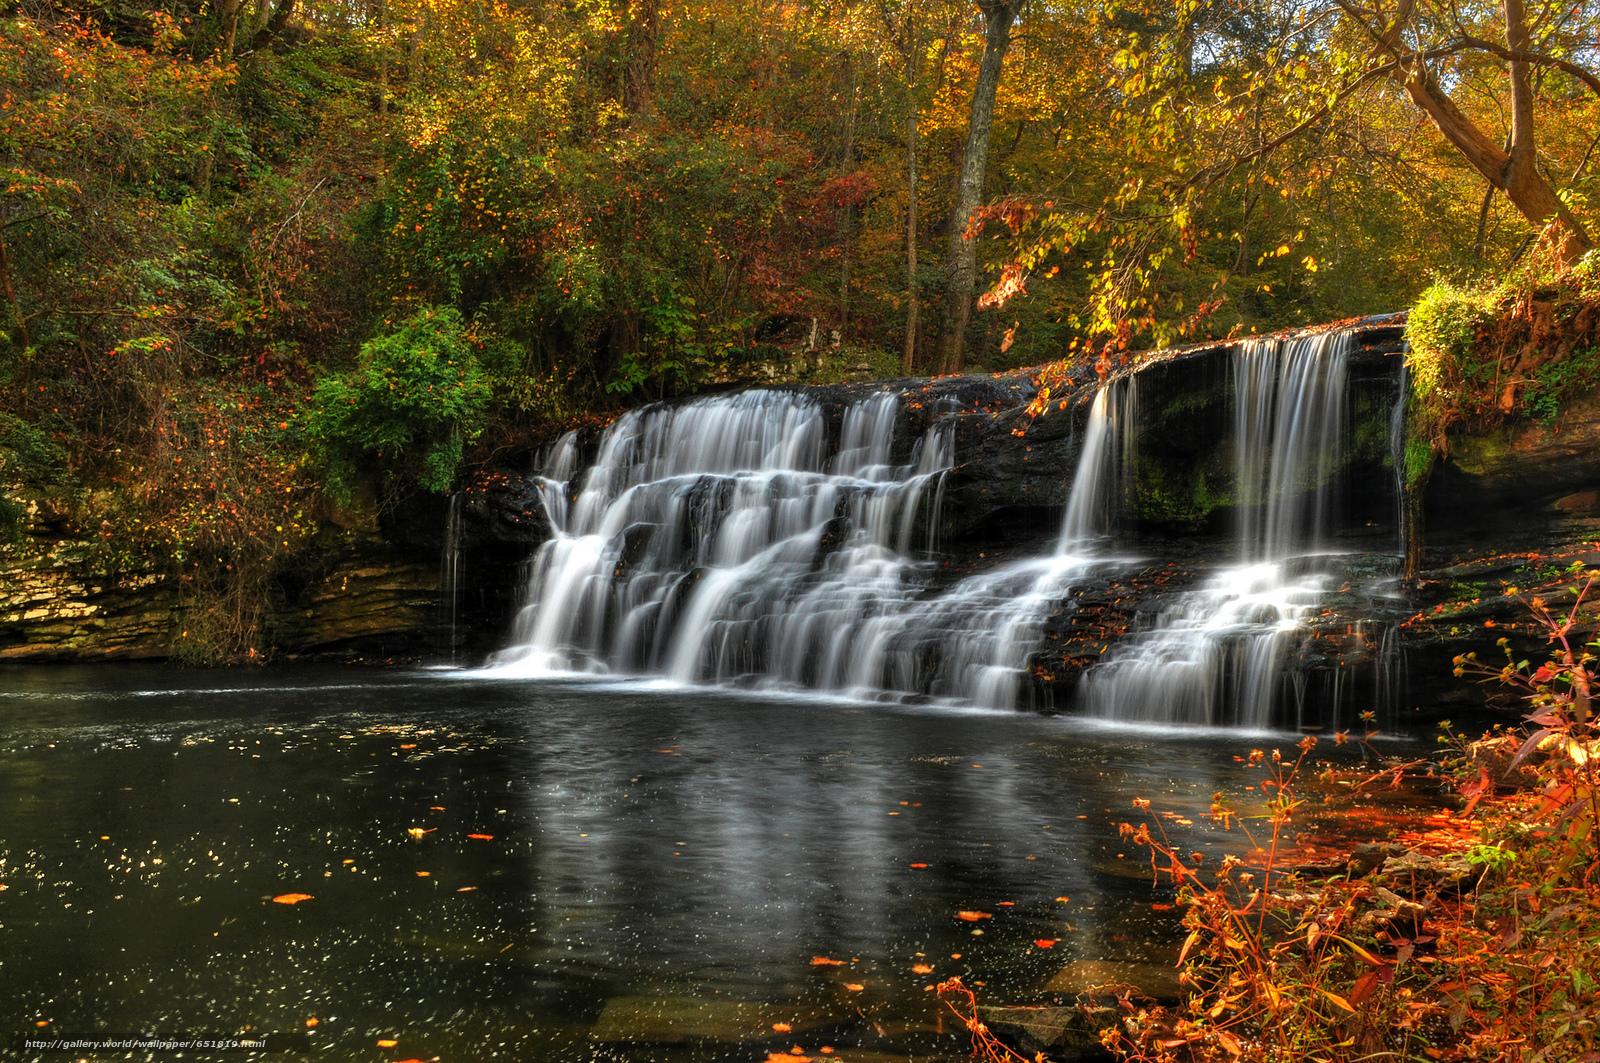 Download Hintergrund Wasserfall,  Rocks,  Fluss,  Wald Freie desktop Tapeten in der Auflosung 2048x1361 — bild №651819